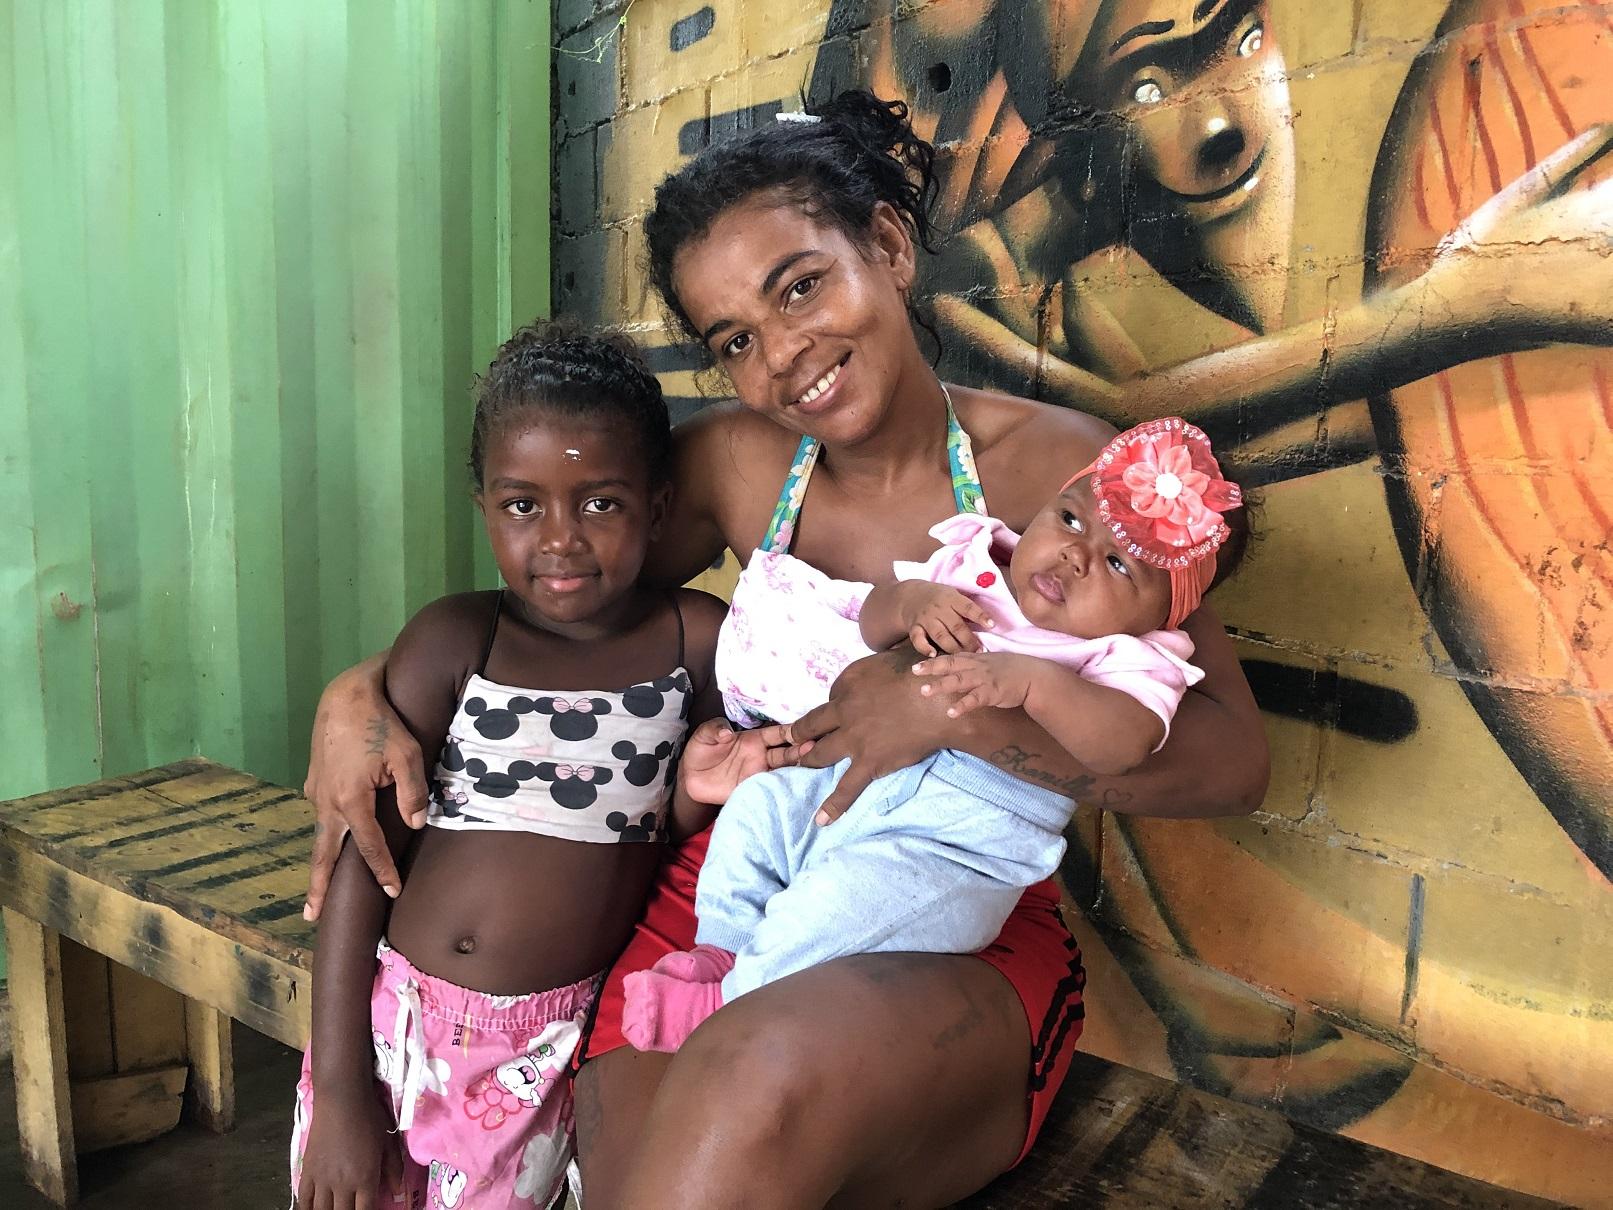 Vanessa, com os dois filhos, é moradora da favela e reclama do desabastecimento constante de energia. Foto Igor Soares. Março/2021